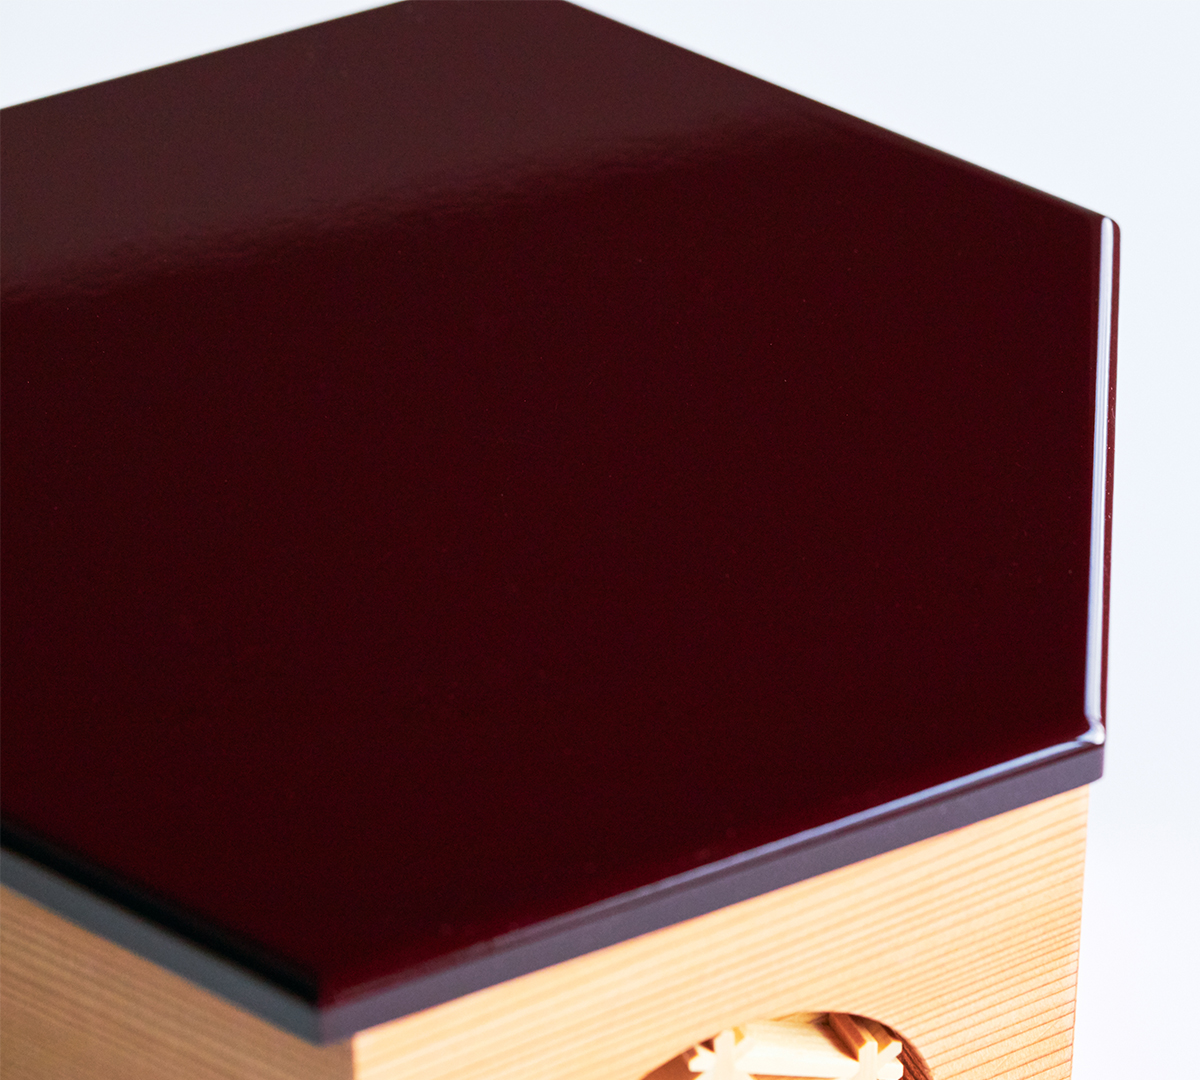 7.飾り板:紀州塗り|次世代に伝えていきたい最高峰の7つの日本伝統技術が結集|柿沼東光(経済産業大臣認定伝統工芸士)× 大沼 敦(工業デザイナー)によるモダンな雛人形